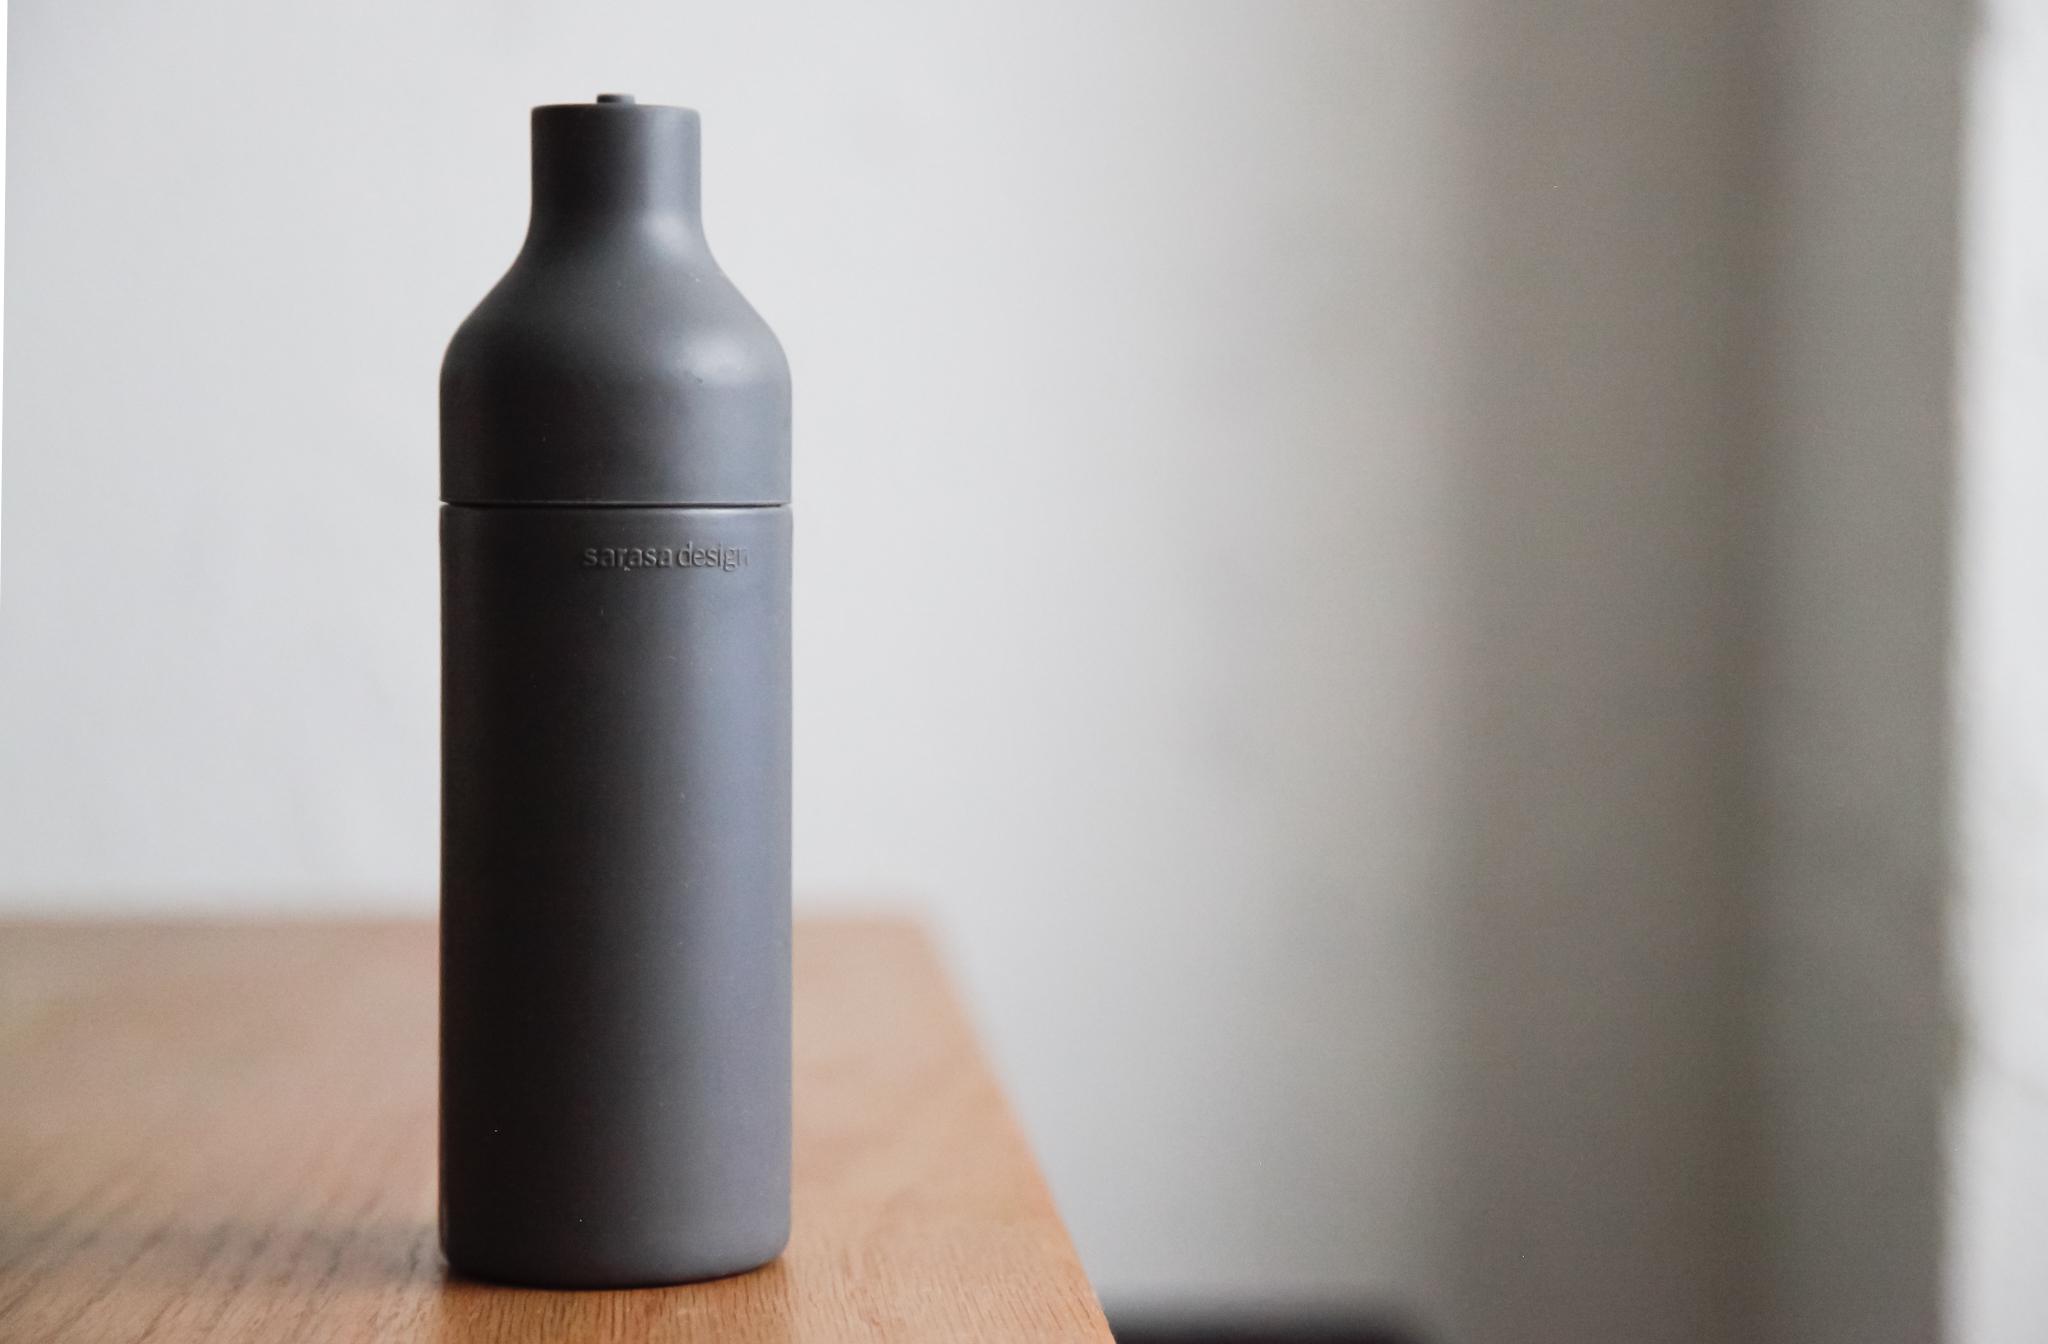 スマートで使いやすい。sarasa design の洗剤用ボトル「スクィーズボトル」